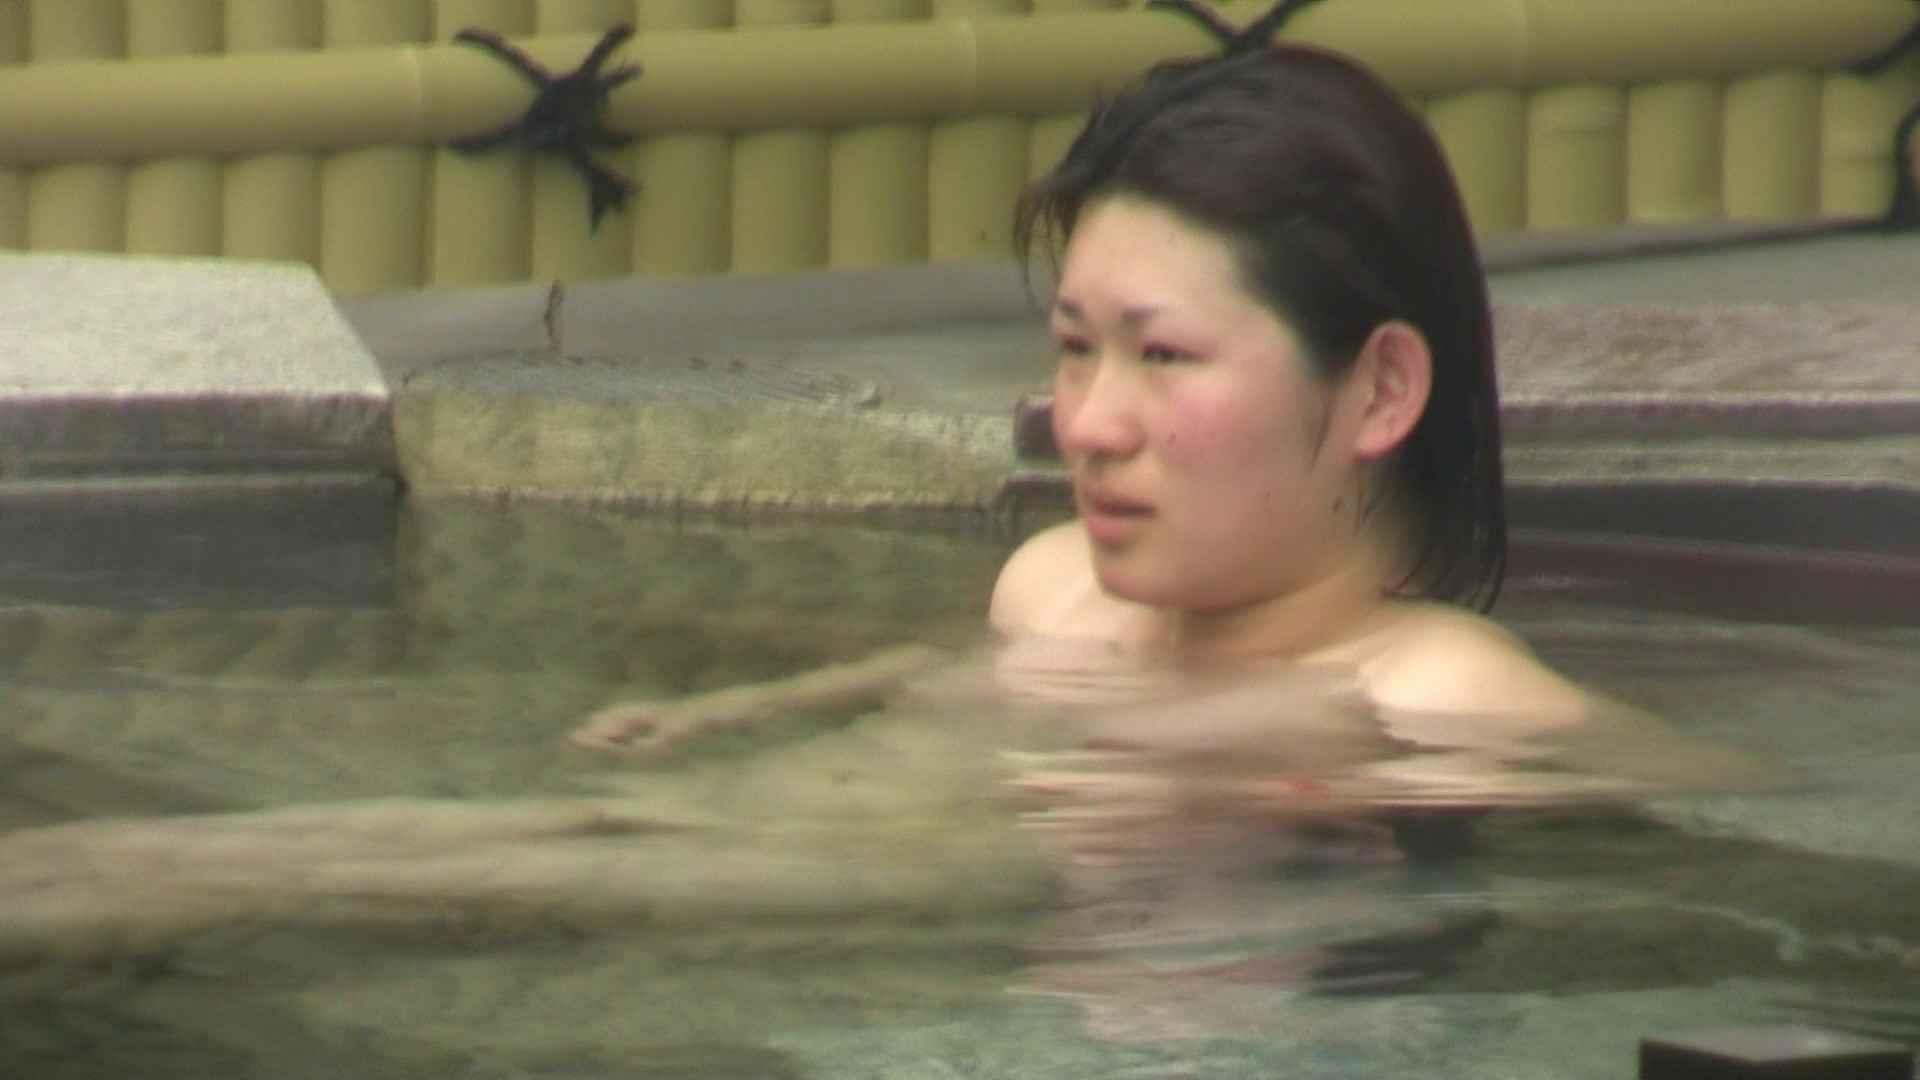 Aquaな露天風呂Vol.673 露天 盗み撮り動画キャプチャ 104PICs 62